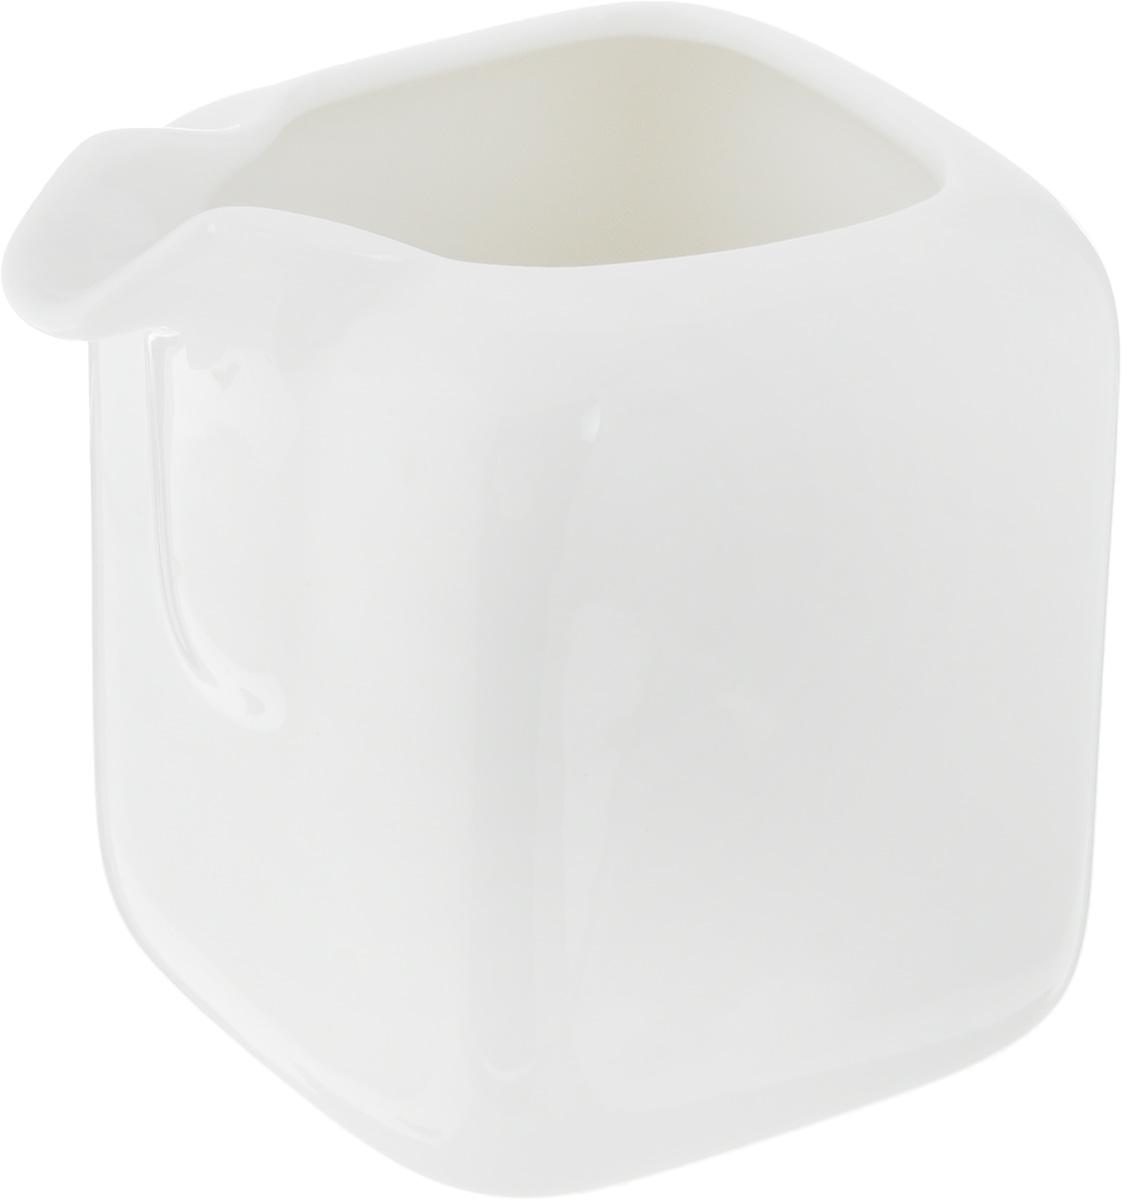 """Молочник Ariane """"Vital Square"""" изготовлен из высококачественного фарфора, покрытого глазурью. Изделие предназначено для сервировки сливок или молока. Такой молочник отлично подойдет как для праздничного чаепития, так и для повседневного использования. Изделие функциональное, практичное и легкое в уходе. Размеры: 6 х 8 х 8 см."""